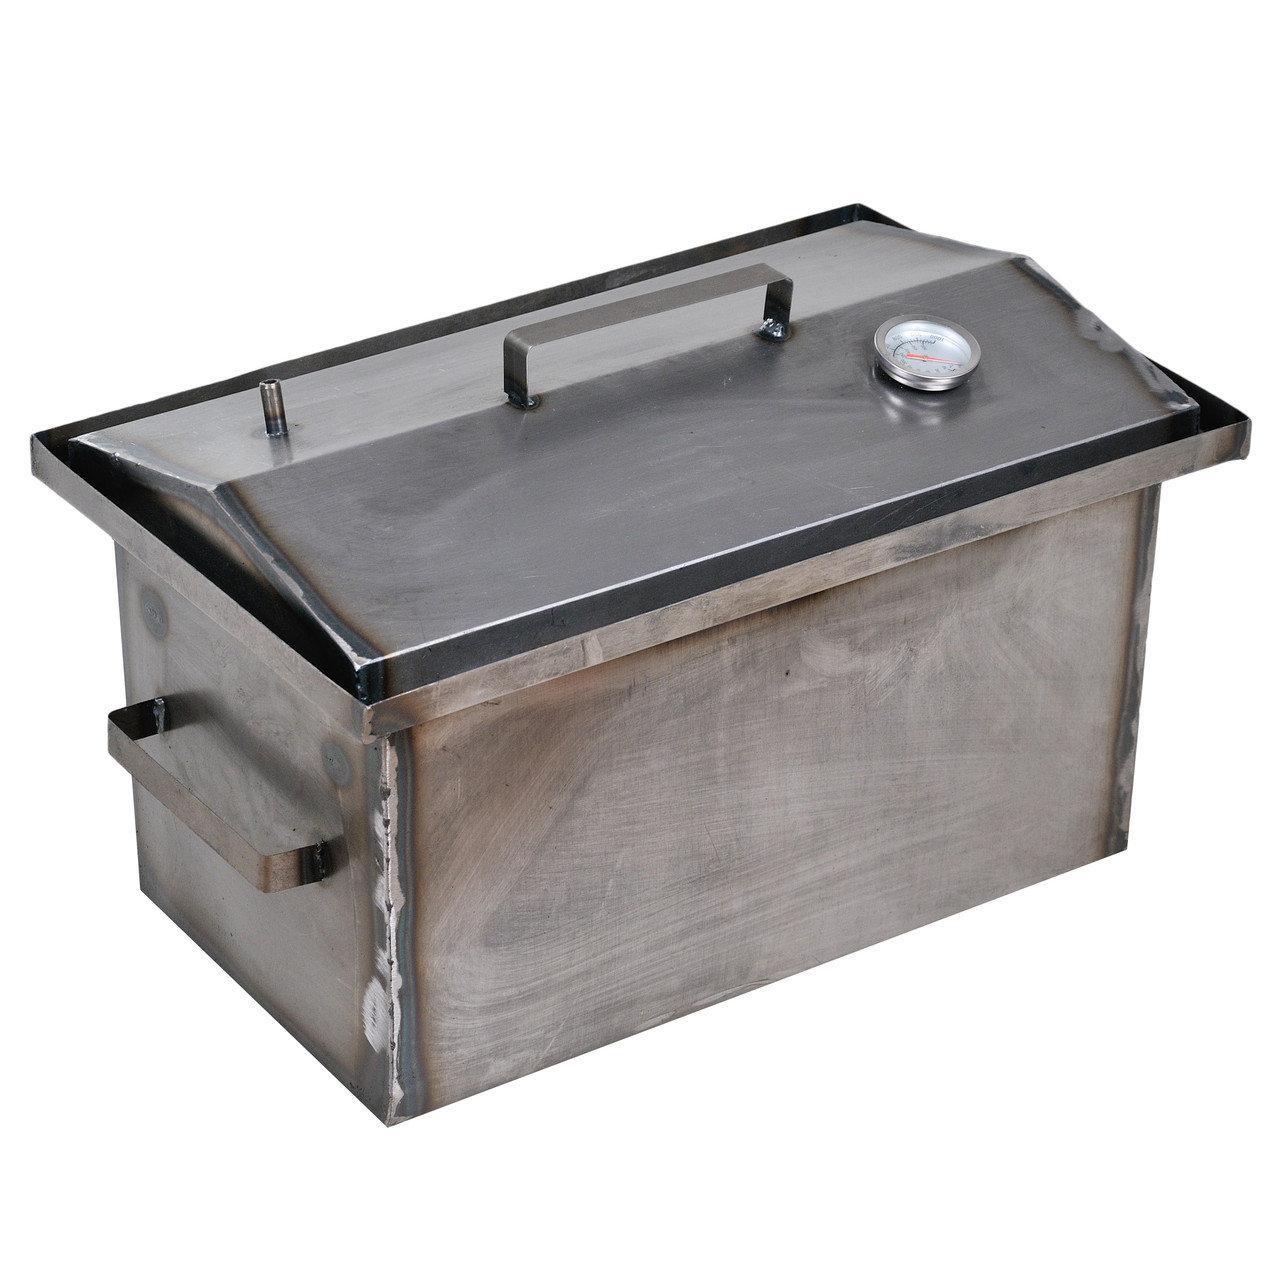 Коптильня горячего копчения 1мм 520х310х260мм с термометром (коптилка,каптилка)